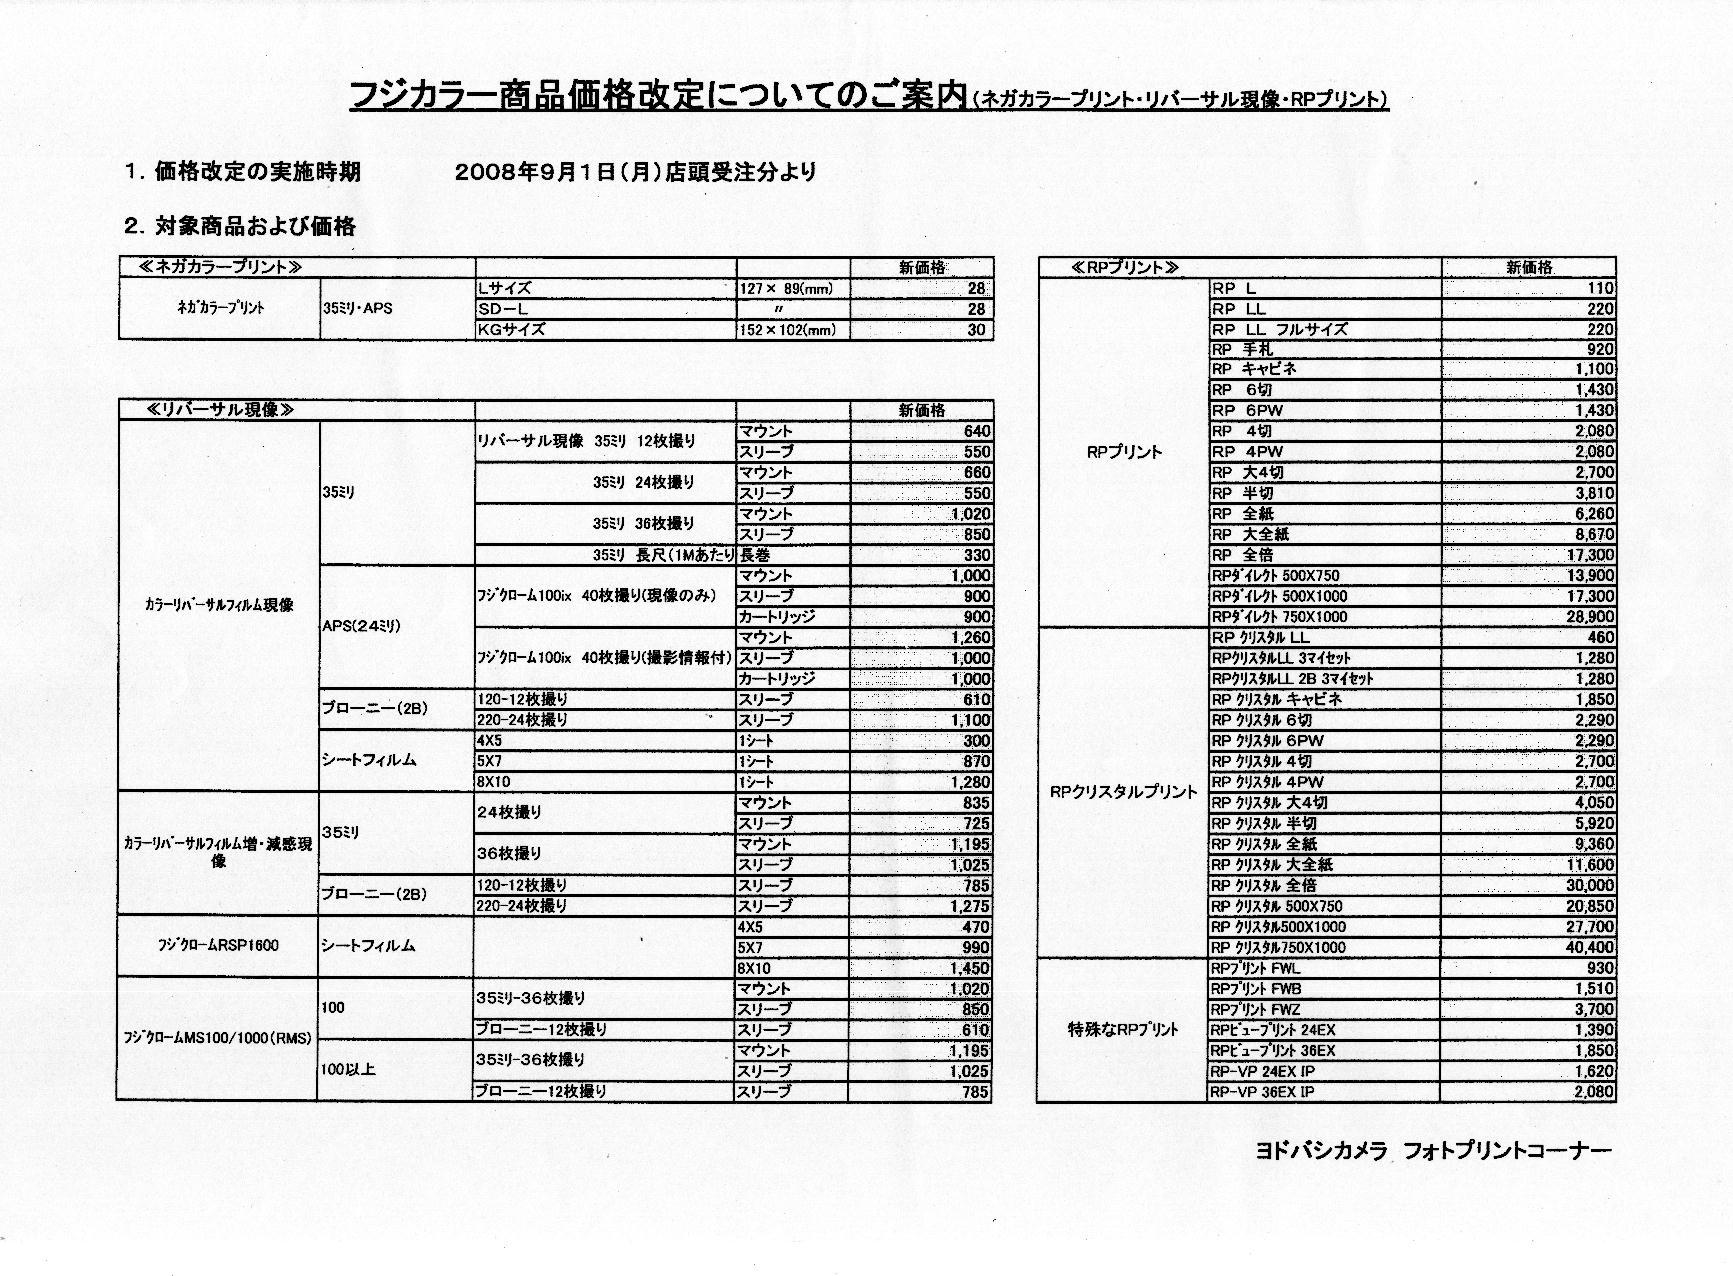 200809ヨドバシカメラ 富士DPE価格改定おしらせ(392KB)